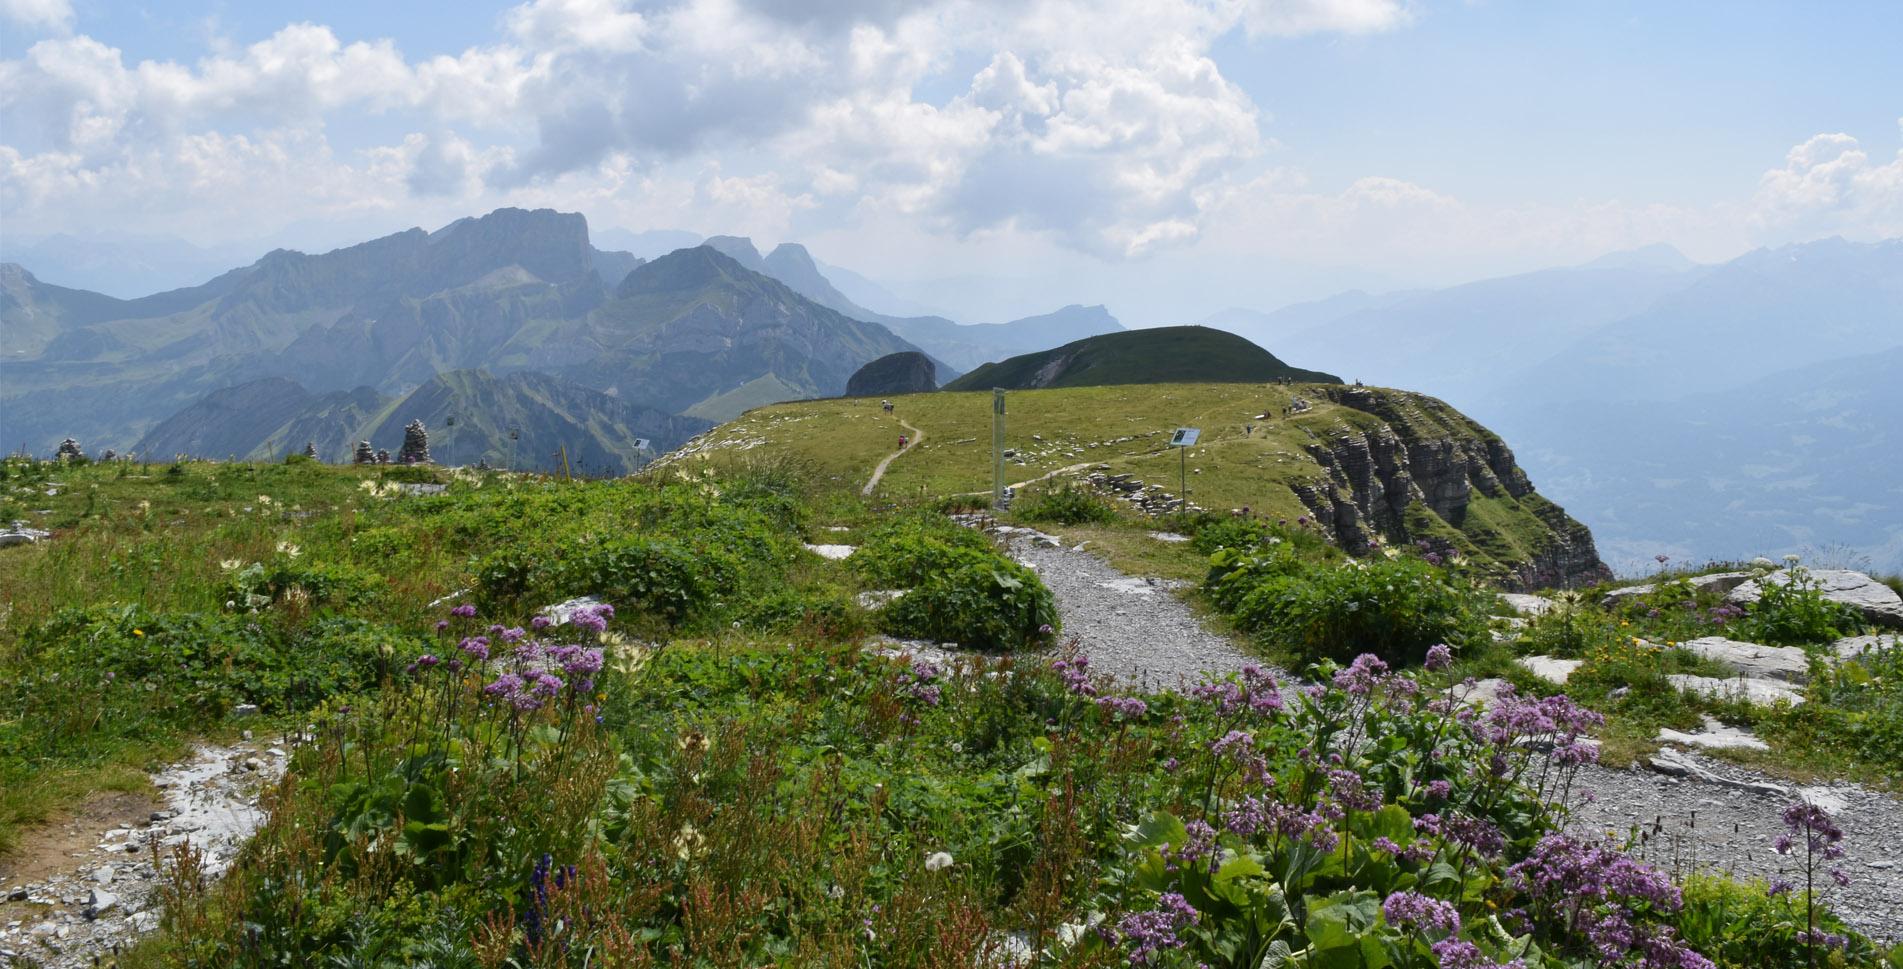 Wanderung vom Chäserrugg (Churfirsten), oberhalb Unterwasser, via Sattel zur Gamsalp, oberhalb Wildhaus im Toggenburg